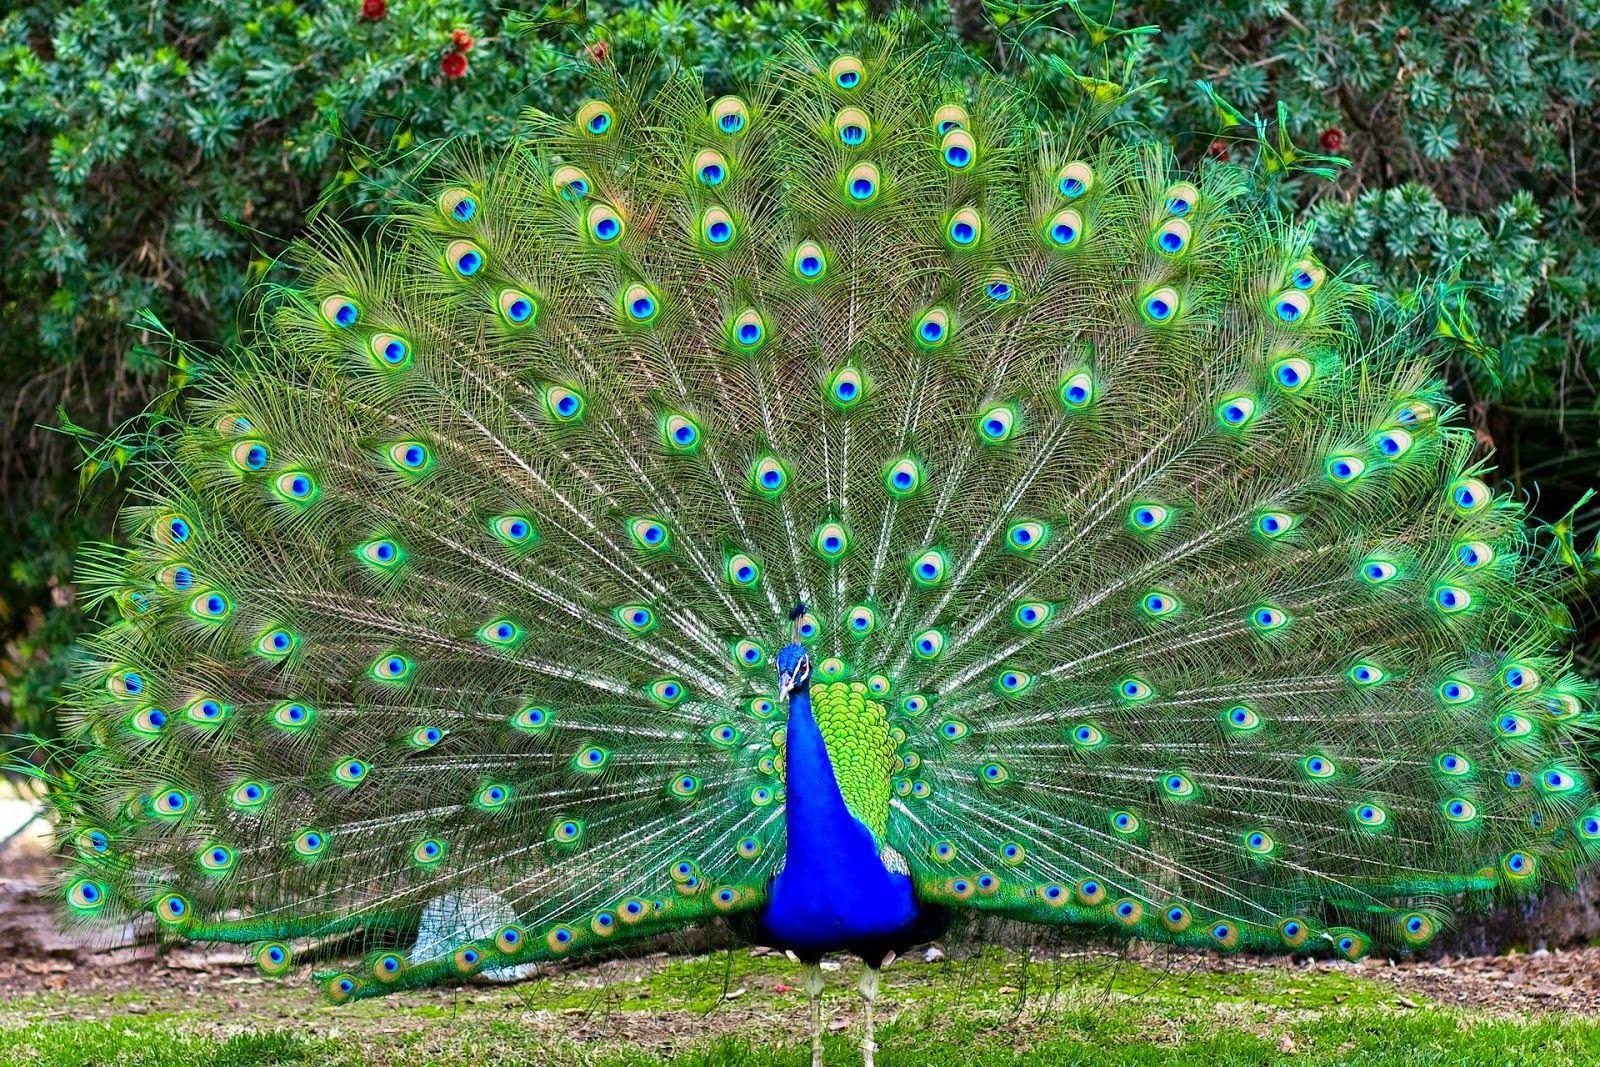 7300 Gambar Mewarnai Hewan Burung Merak HD Terbaru